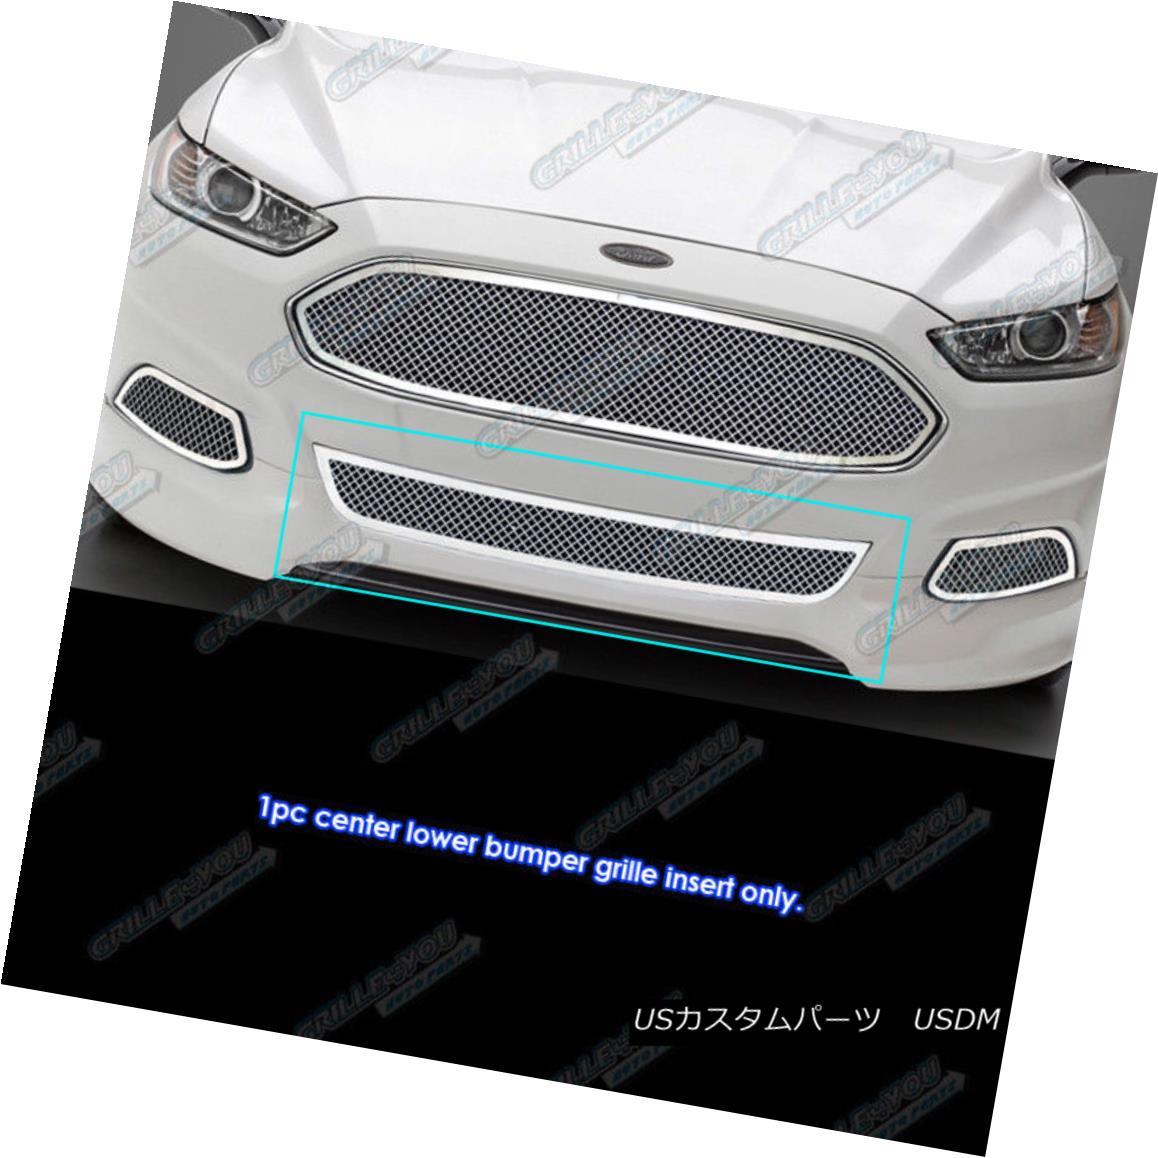 グリル Fits 2013-2016 Ford Fusion Stainless Lower Lower Bumper Mesh Grille Insert 2013-2016 Ford Fusionステンレス下部ロワーバンパーメッシュグリルインサート